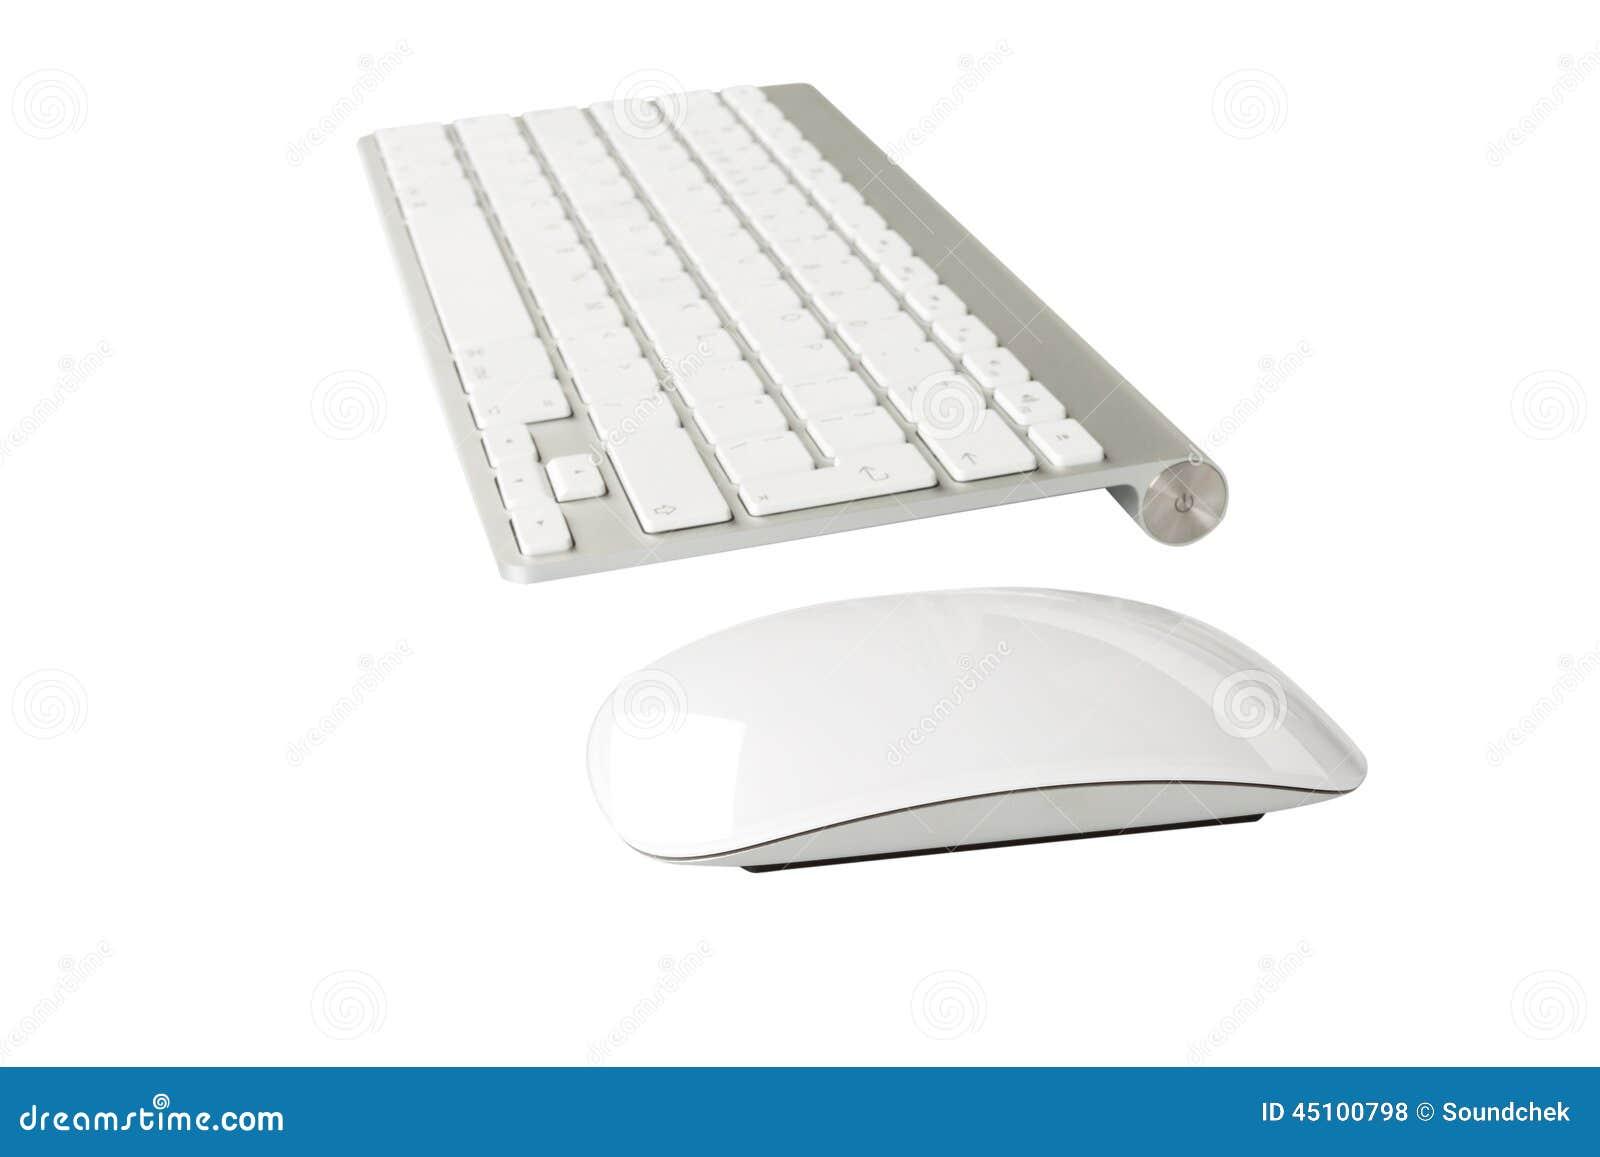 Teclado de ordenador inal mbrico con el alfabeto ingl s y - Foto teclado ordenador ...